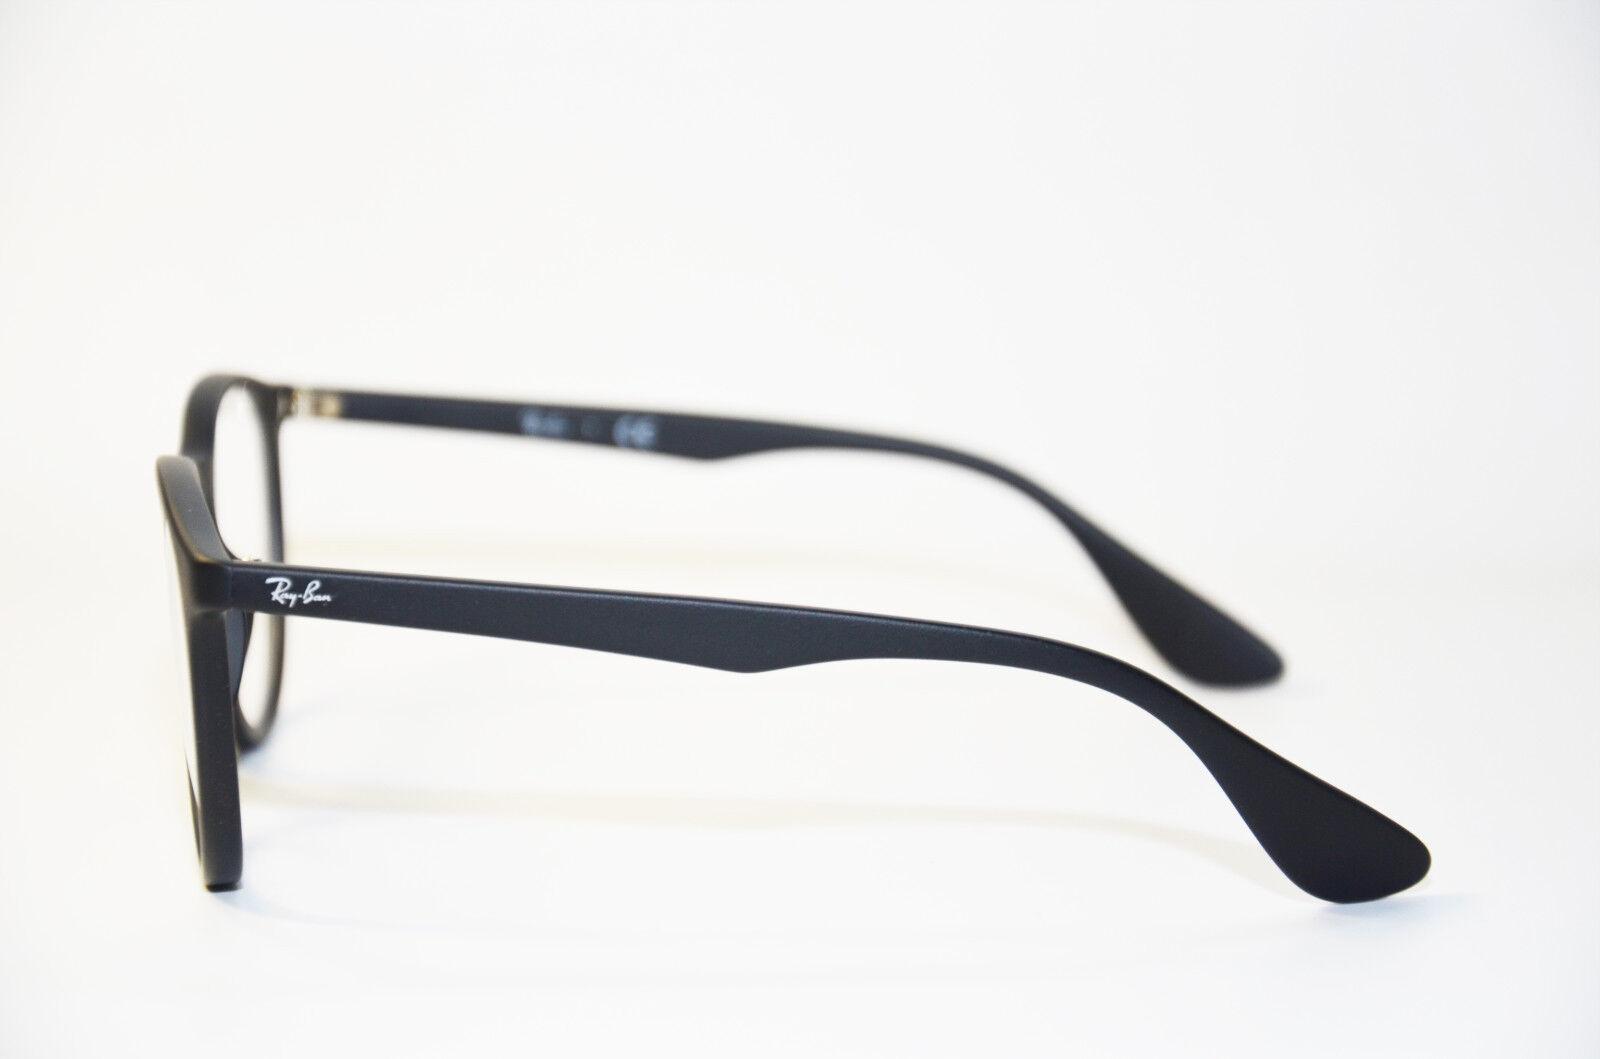 Ray Ban Lesebrille 7046 5364 51 Brille Unisex Kunststoff 1,0 1,5 2,0 2,5 3,0 3,5